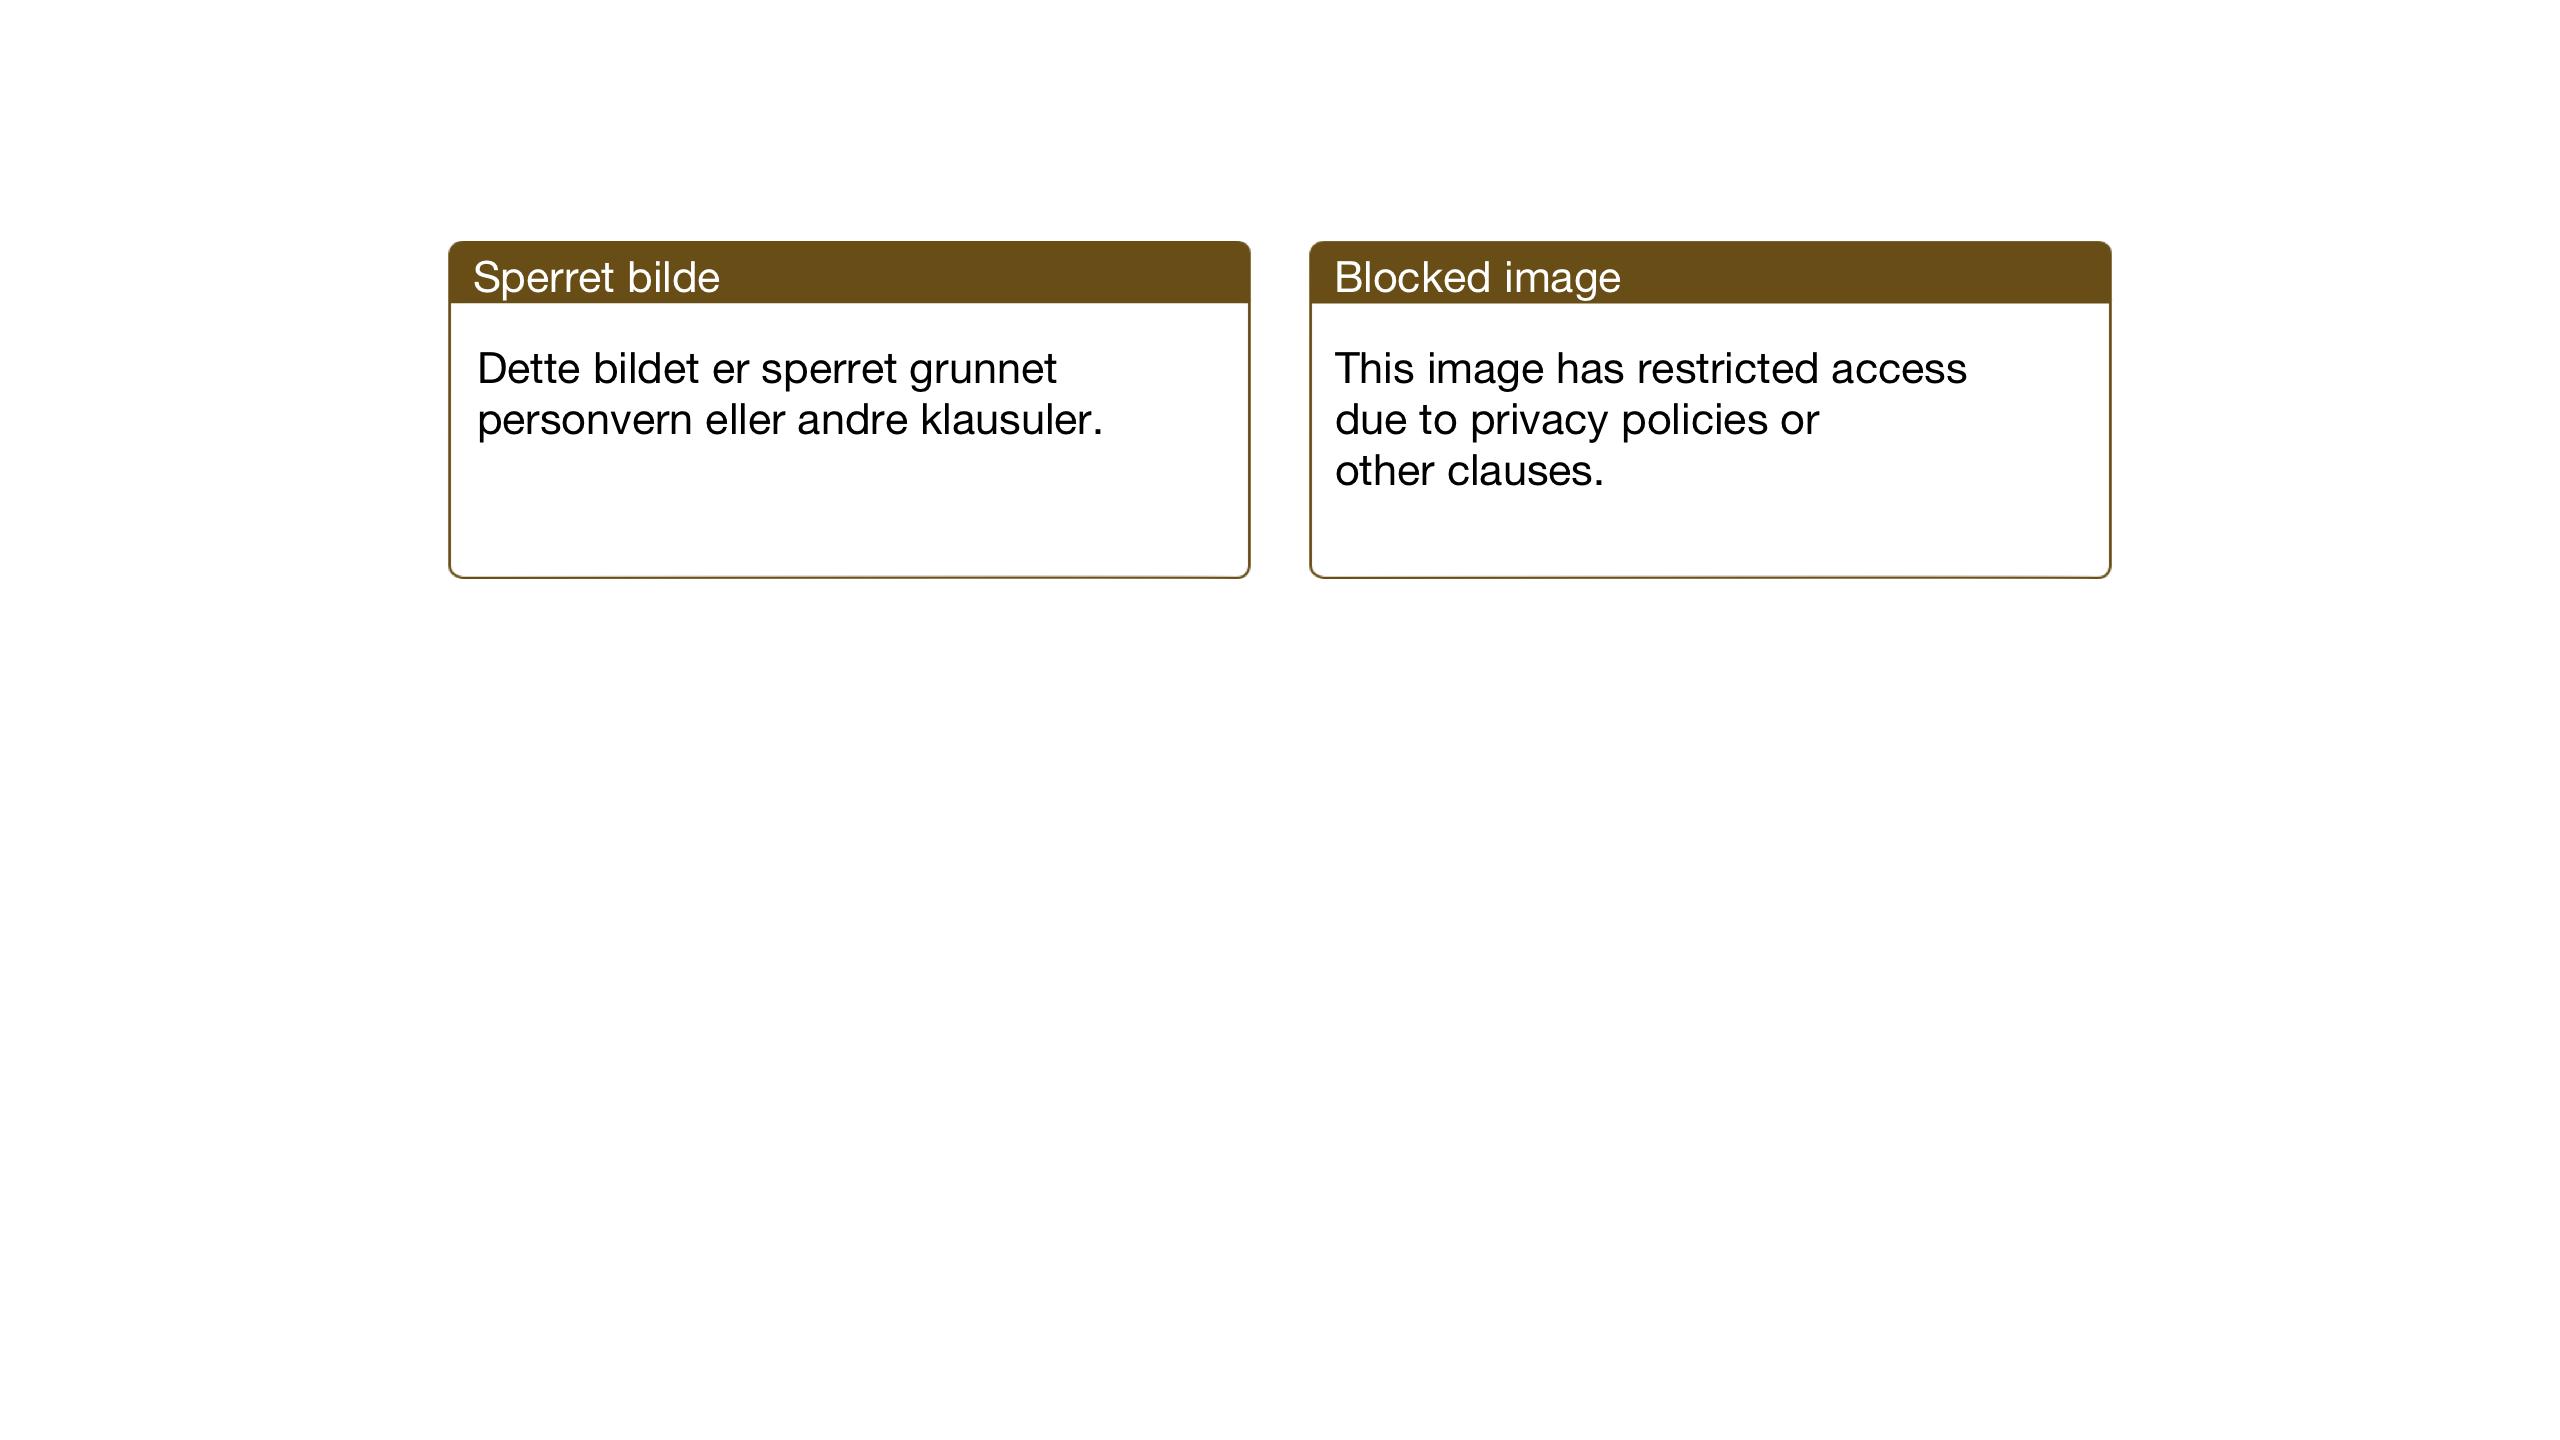 SAT, Ministerialprotokoller, klokkerbøker og fødselsregistre - Sør-Trøndelag, 674/L0878: Klokkerbok nr. 674C05, 1941-1950, s. 49